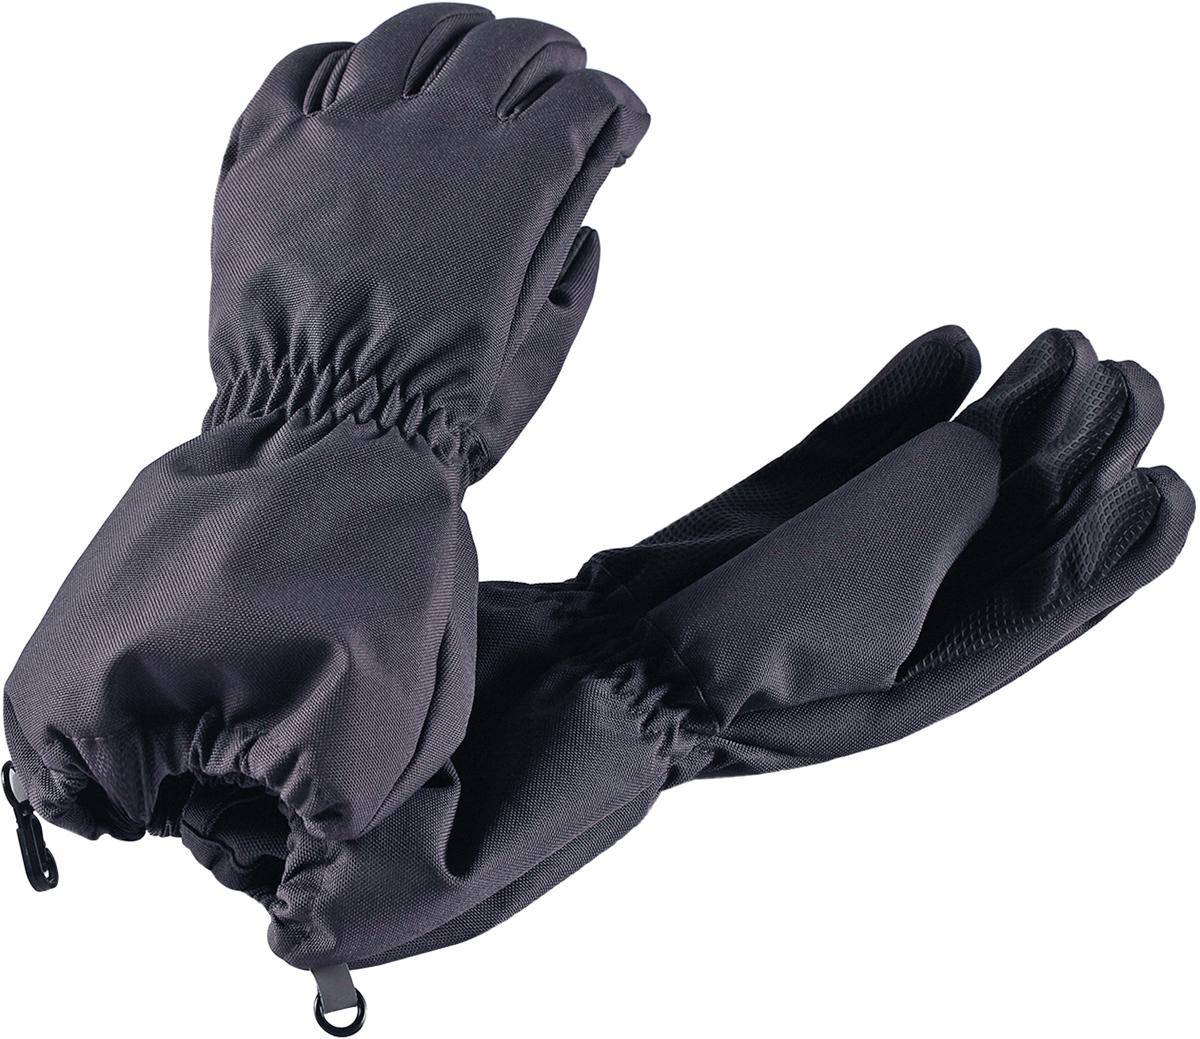 Перчатки детские Lassie Lassietec, цвет: серый. 7277019740. Размер 37277019740Дышащие детские перчатки изготовлены из очень износостойкого и абсолютно водонепроницаемого материала. В них предусмотрена водонепроницаемая мембрана и трикотажная подкладка из полиэстера с начесом. Усиления на ладони, кончиках пальцев и на большом пальце позволяют крепко держать в руках разные сокровища, найденные во время весенних приключений на природе, а еще хорошо согревают ручки. Сверху снабжены светоотражающим элементом.